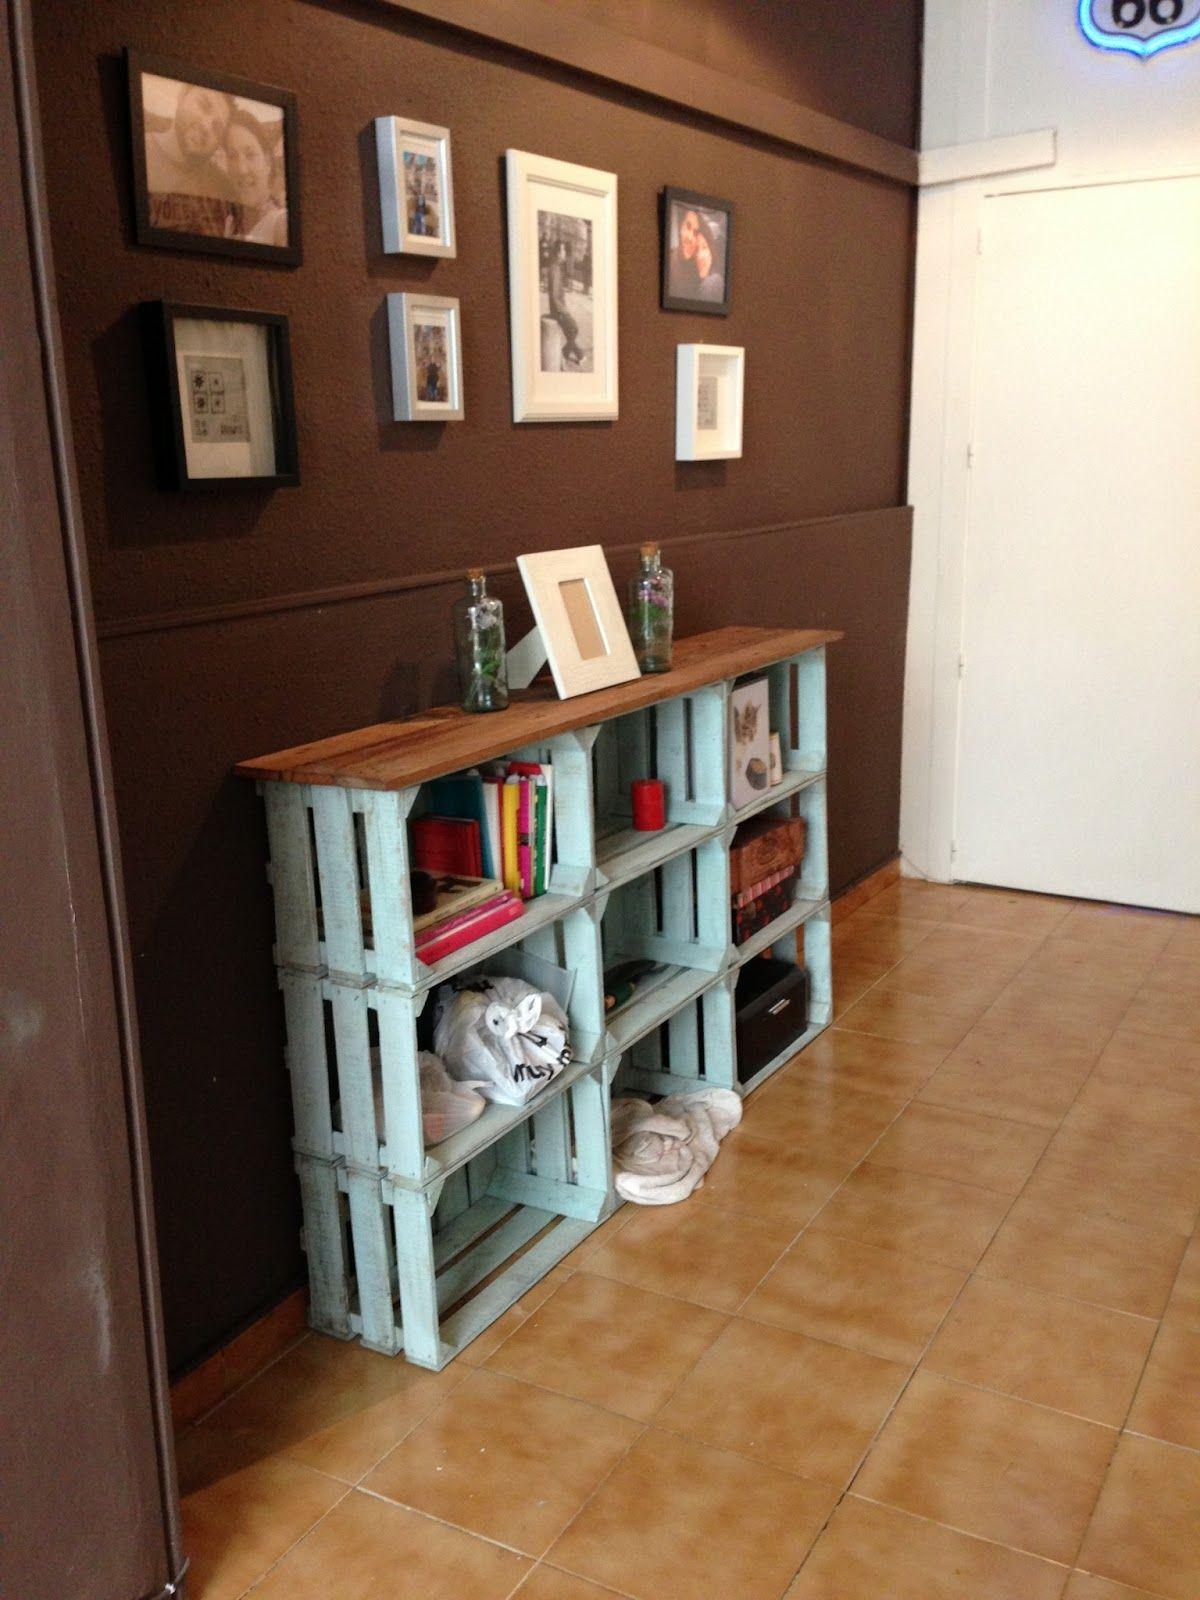 decorando y renovando zapatero cajas fruta - Muebles Con Cajas De Fruta